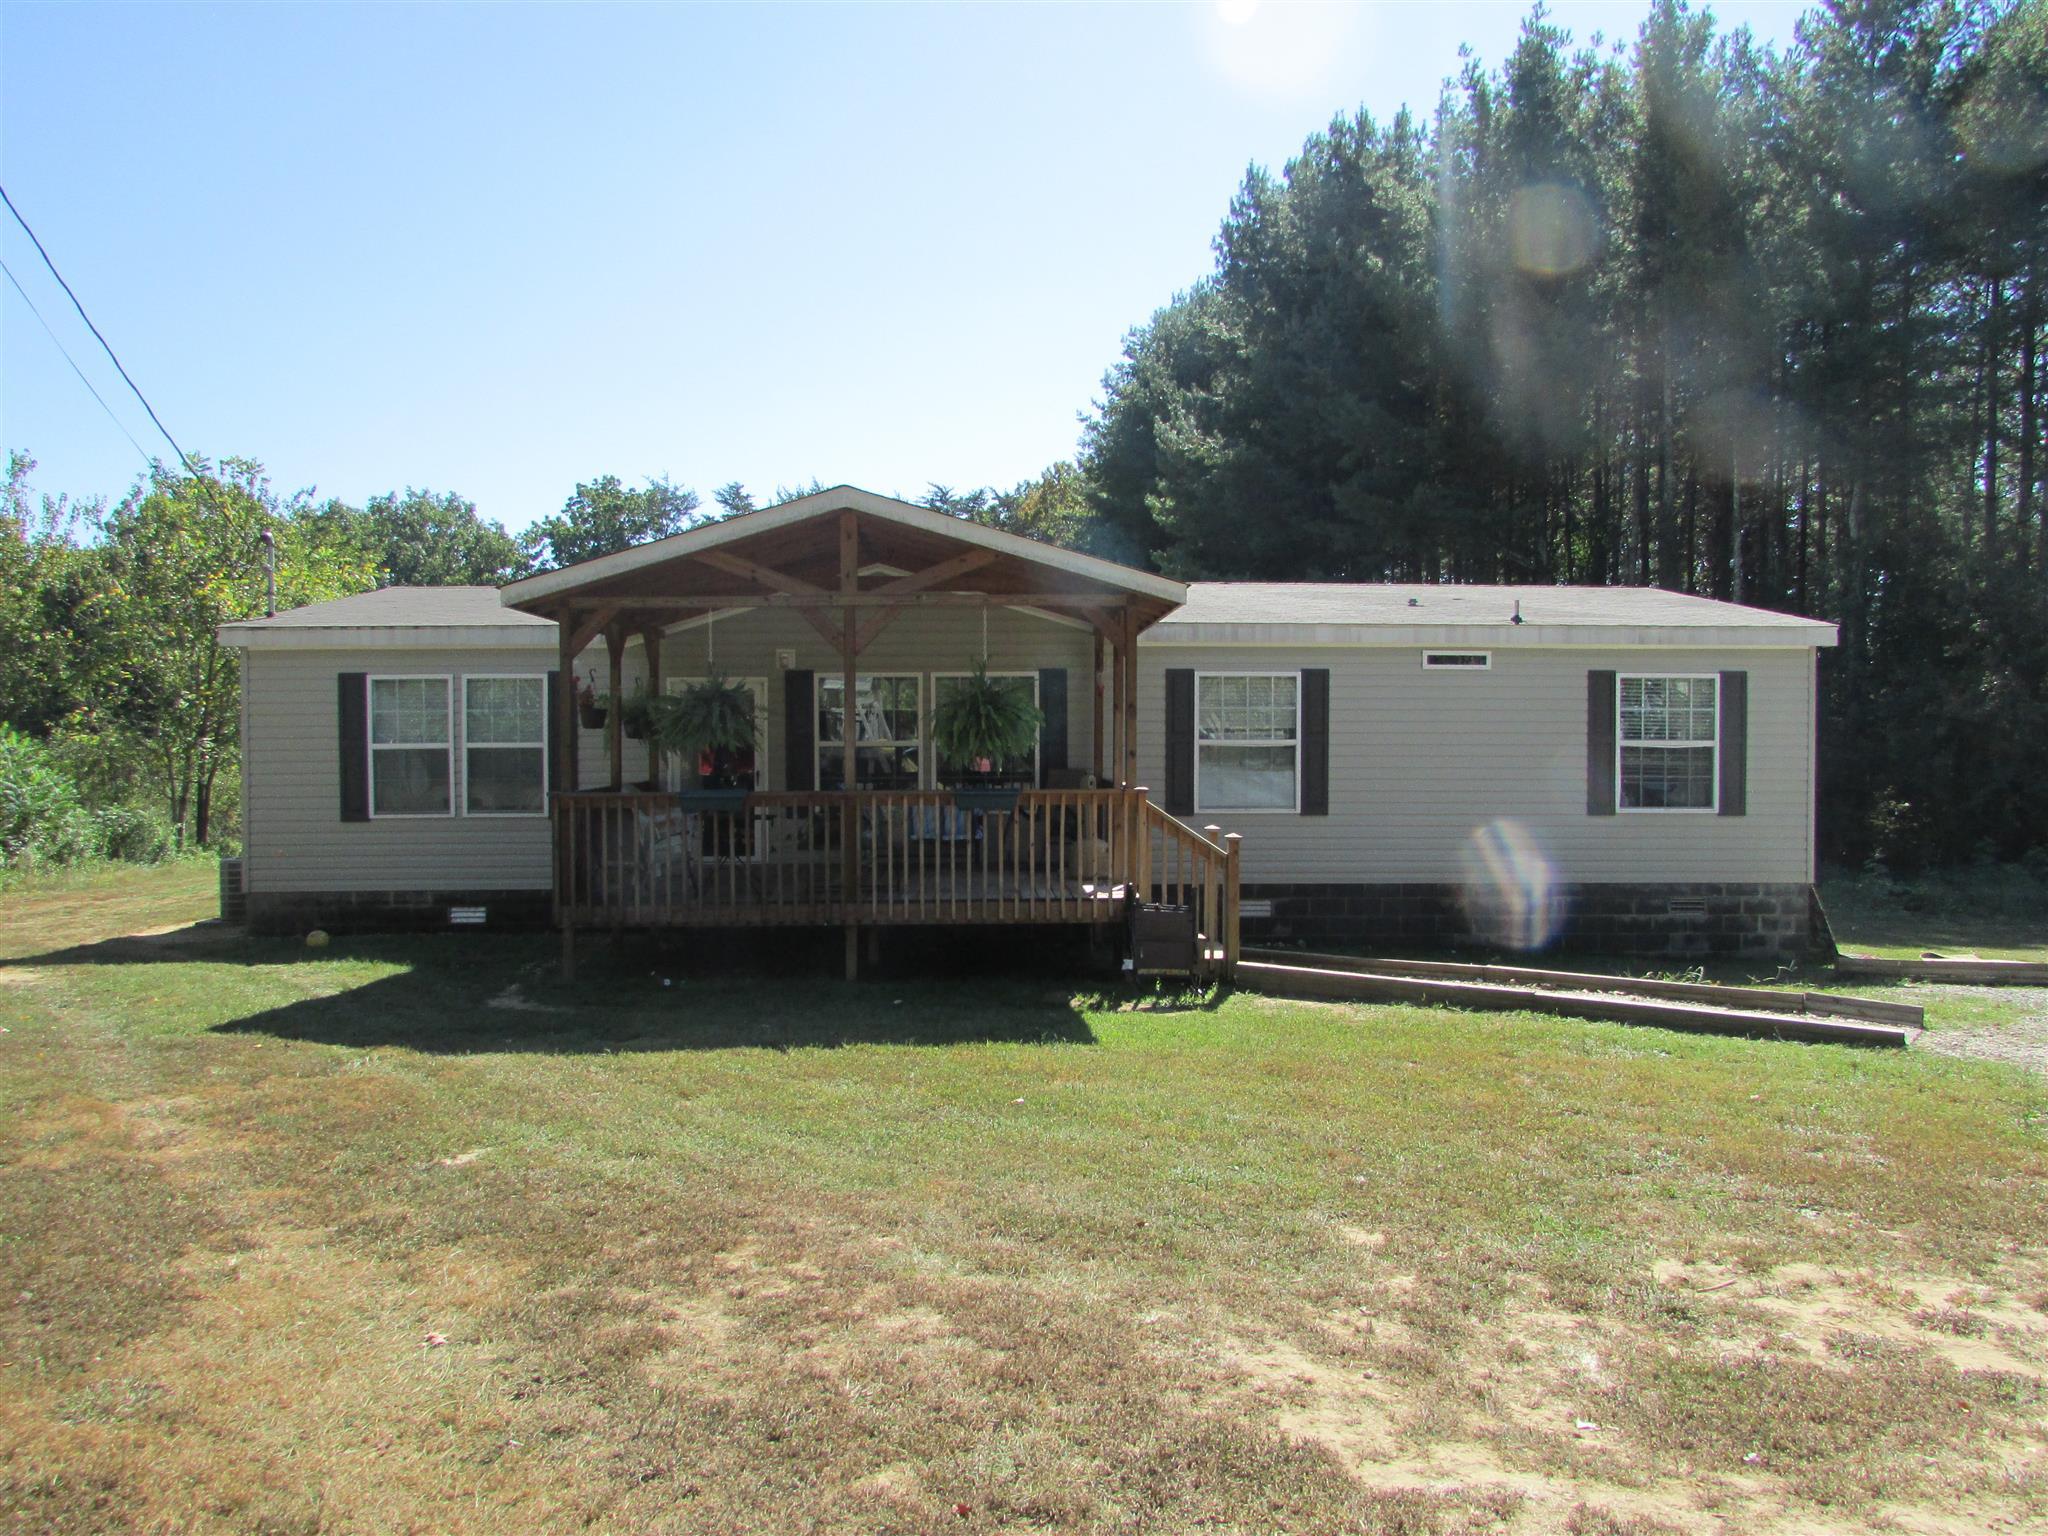 12588 SR 108, Altamont, TN 37301 - Altamont, TN real estate listing